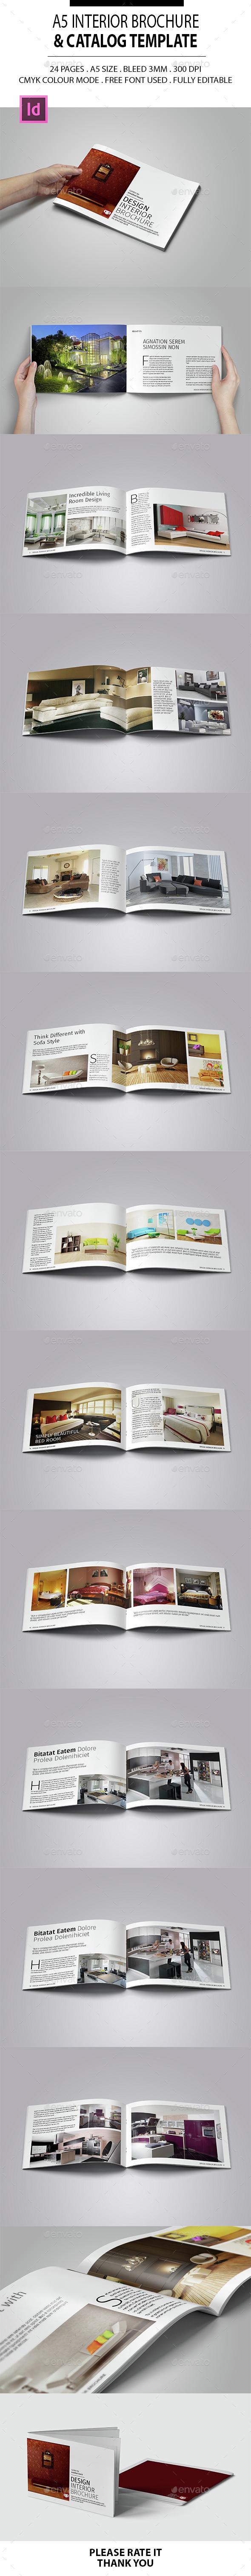 A5 Interior Brochure & Catalog Template - Brochures Print Templates